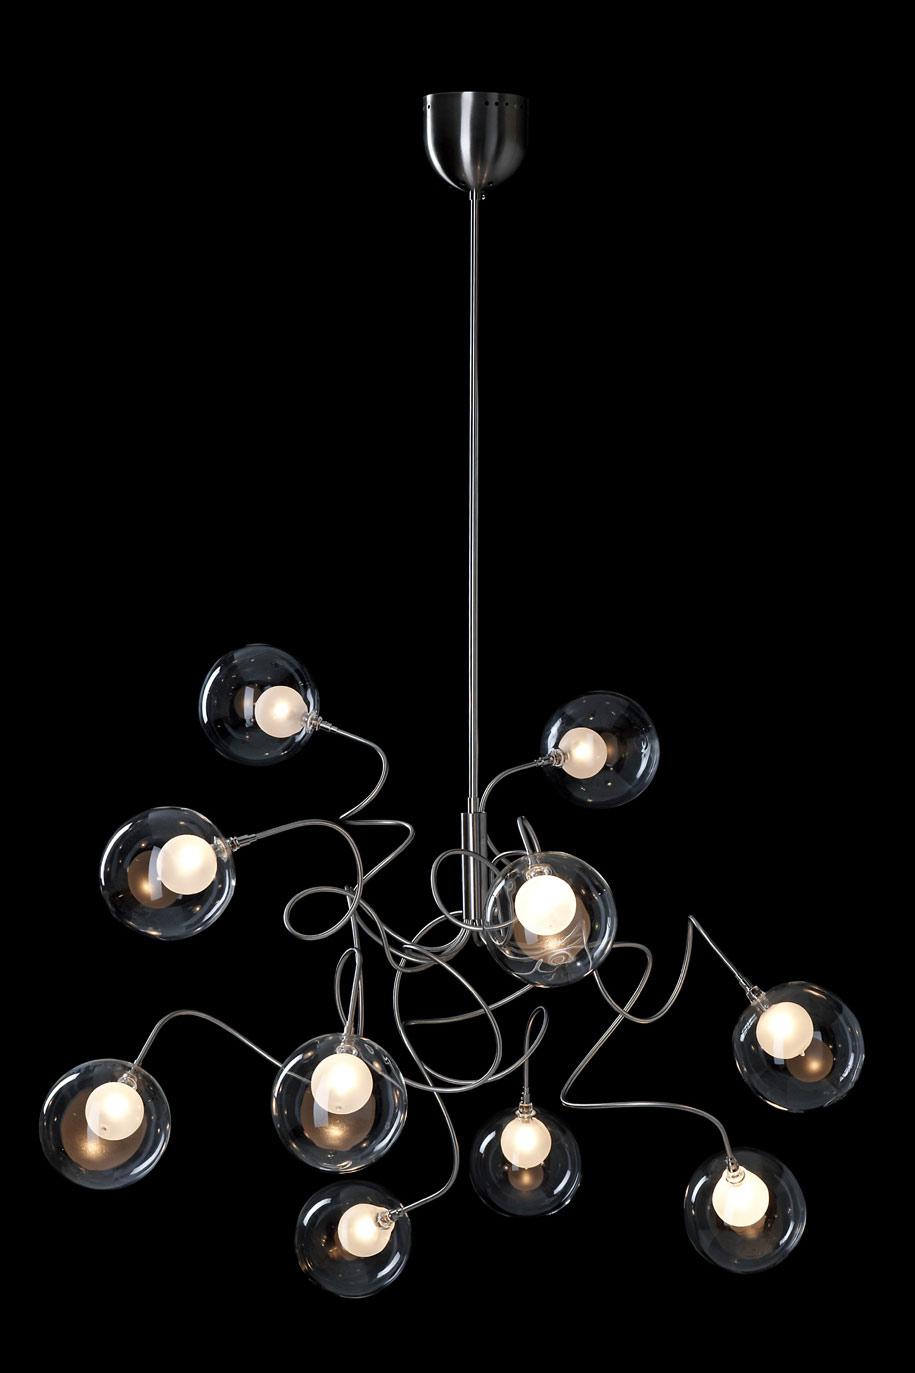 riddle six suspensions 10 lumieres en verre transparent contemporain design suspension 11080094R Résultat Supérieur 15 Frais Suspension Luminaire En Verre Transparent Photos 2017 Ksh4